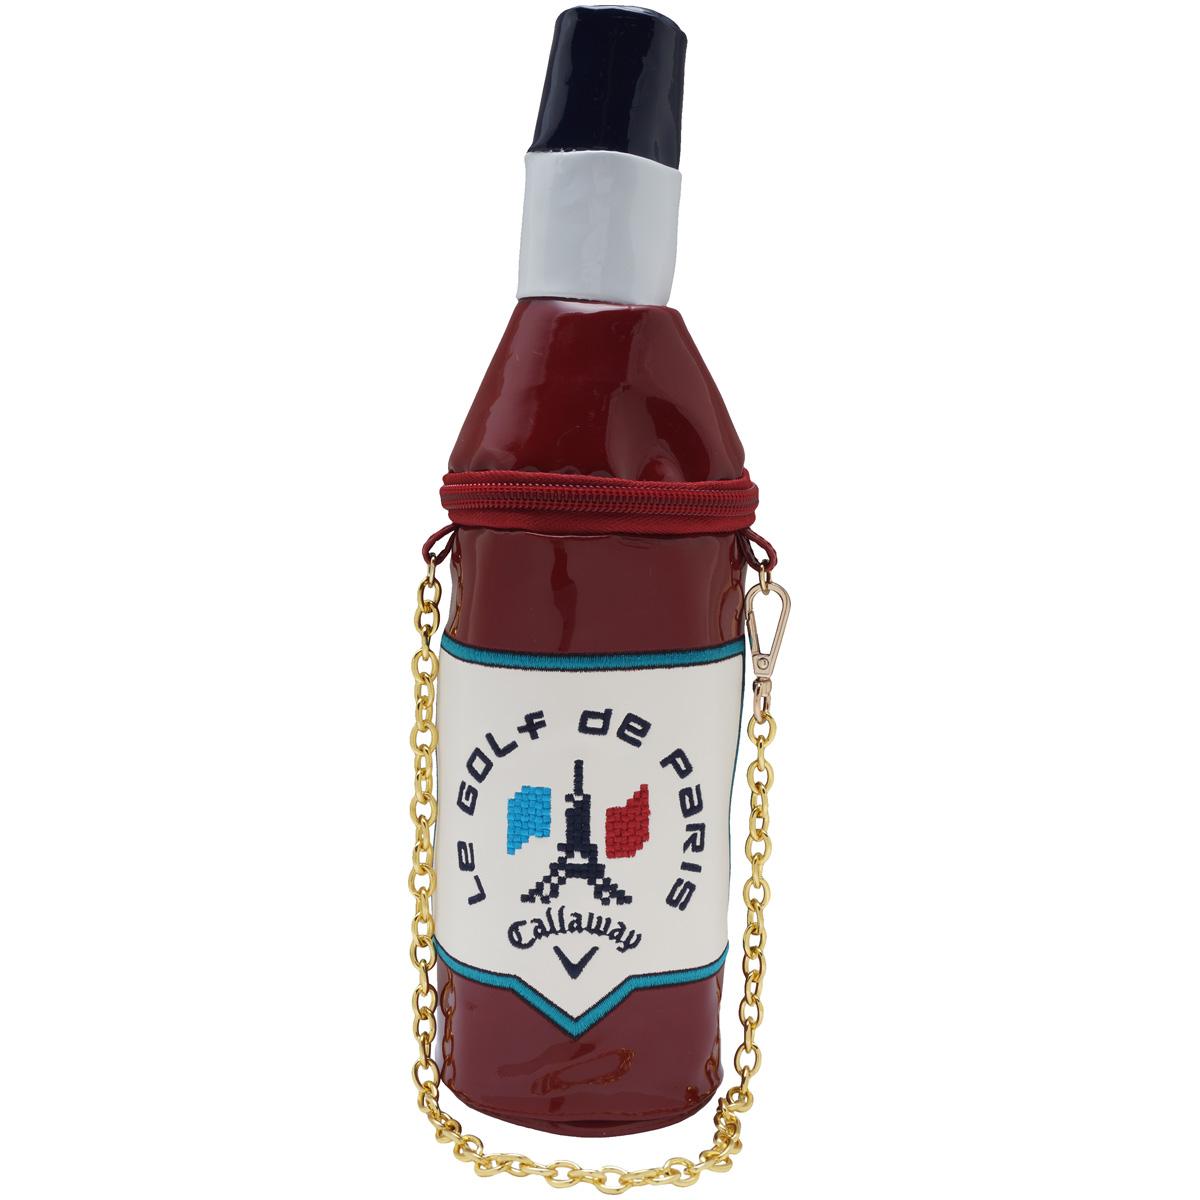 ワイン型ボトルケース